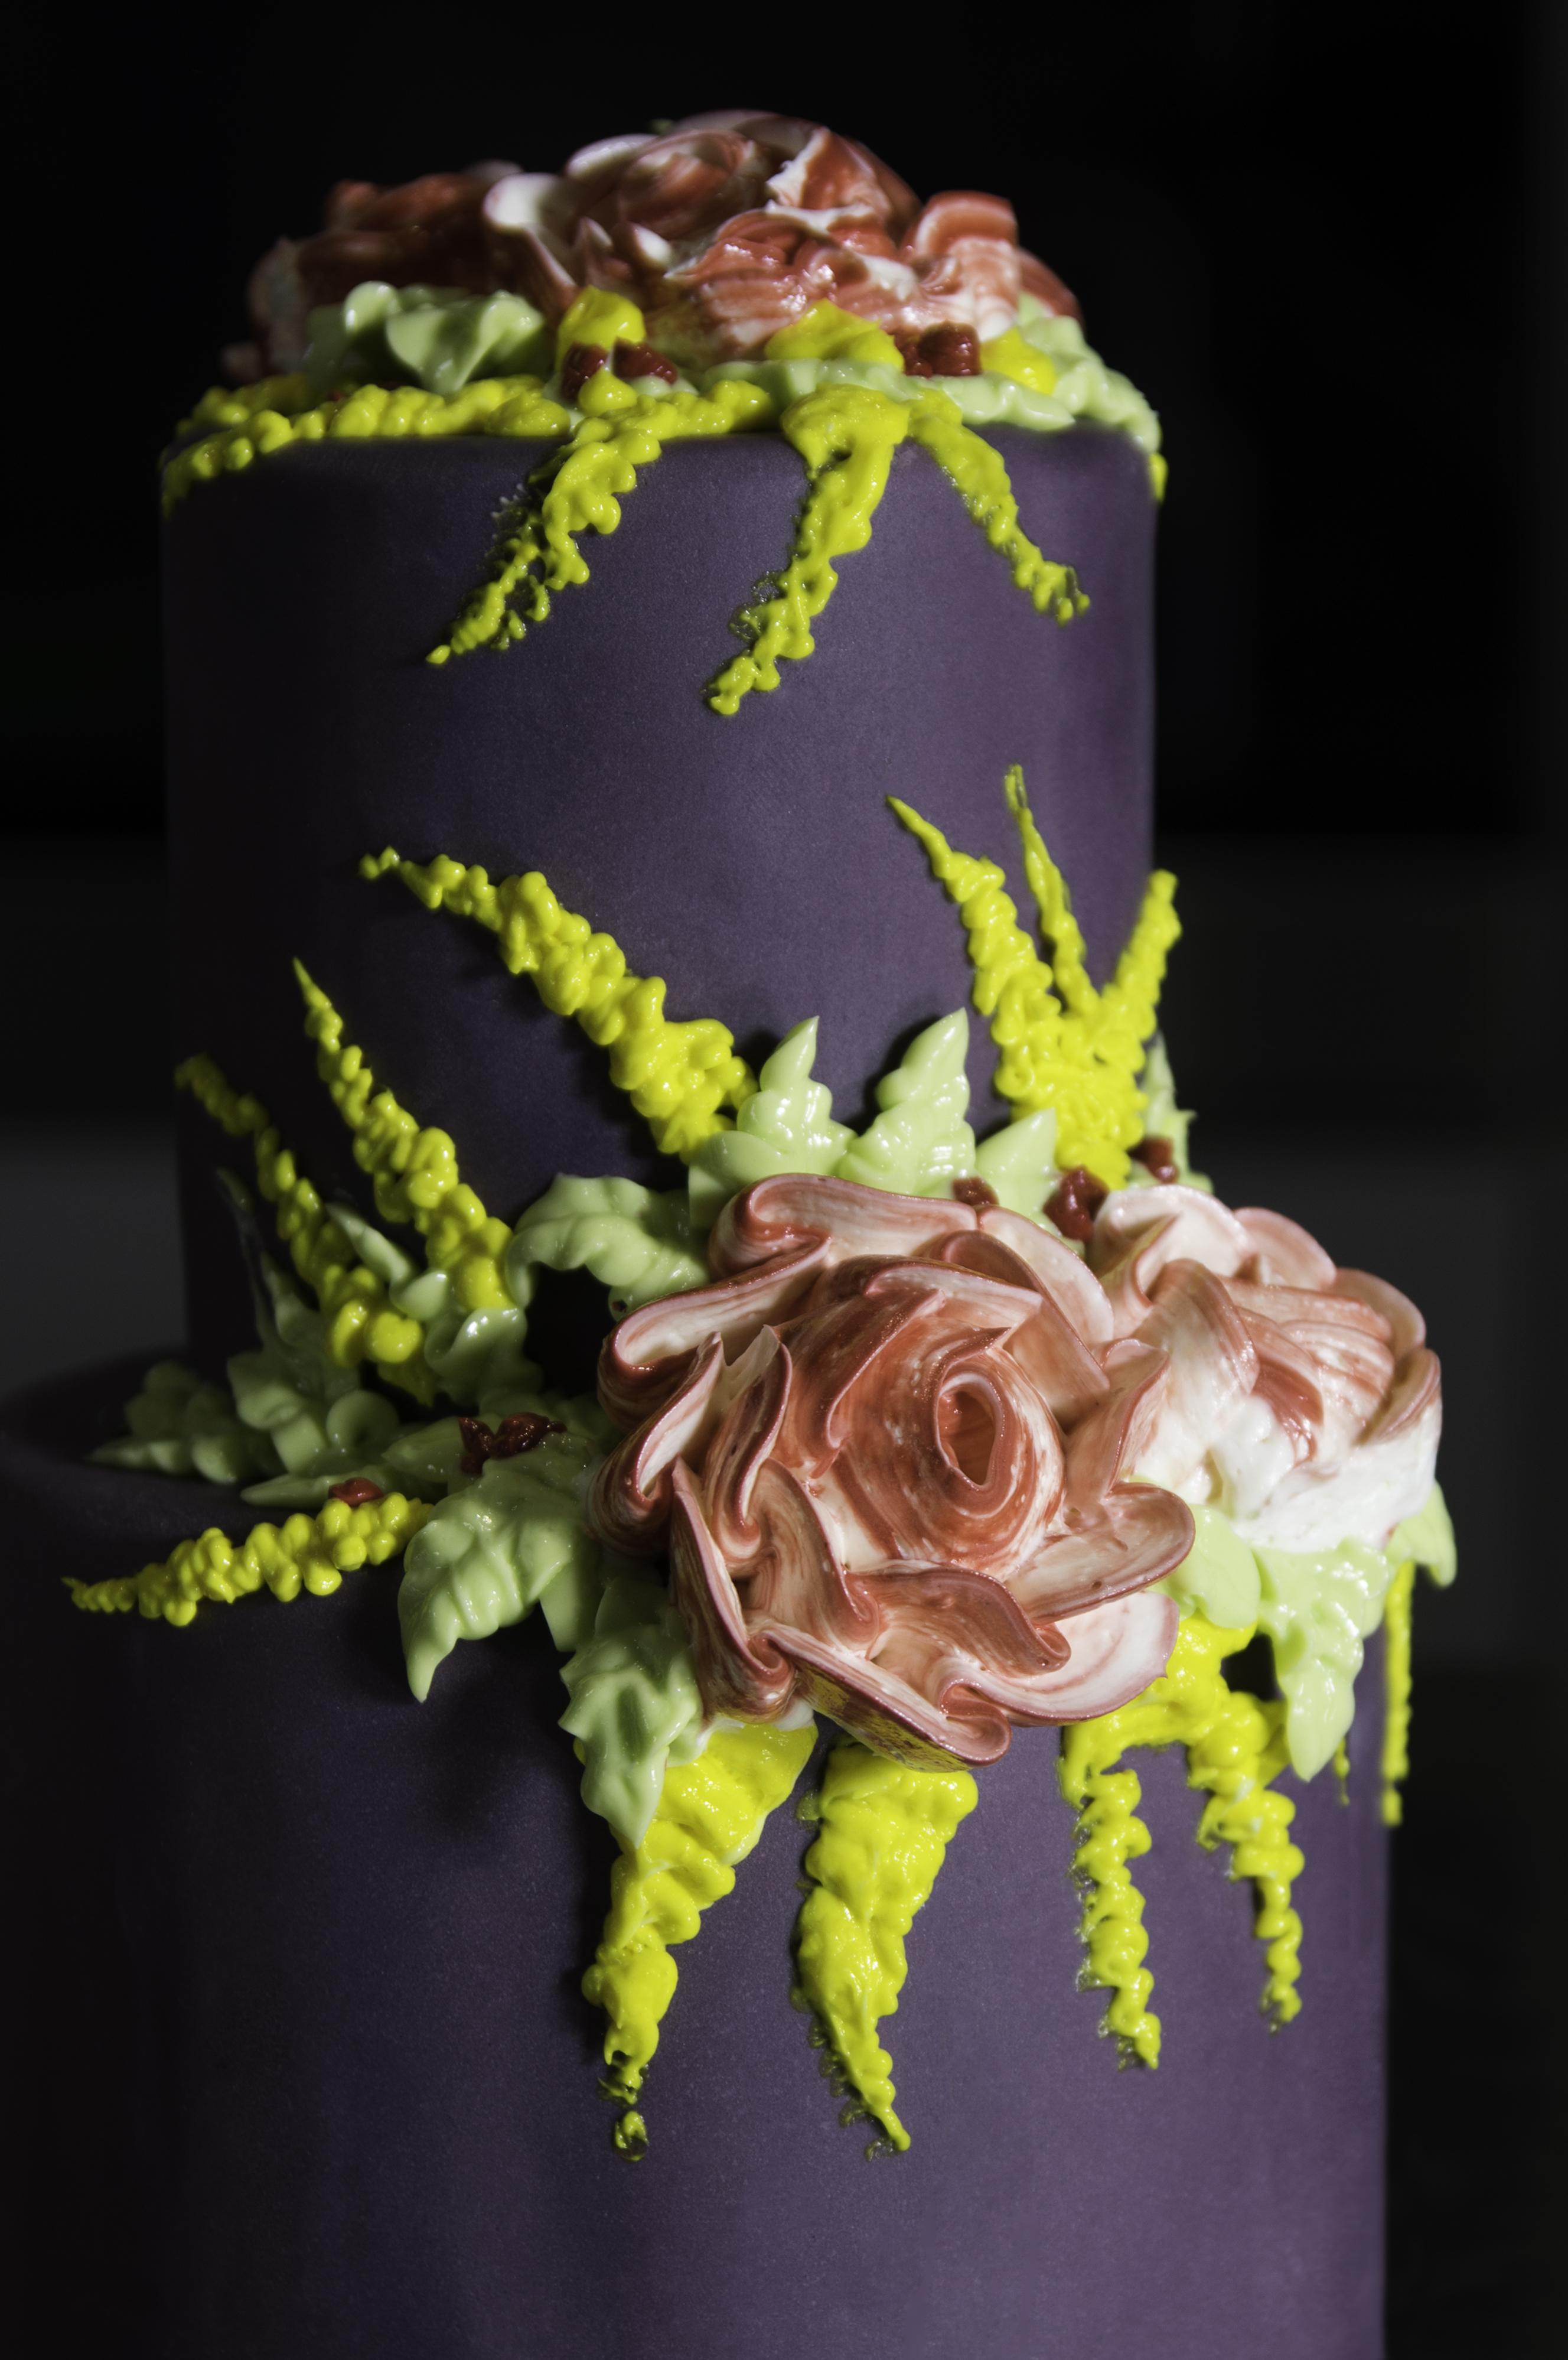 Idee Per Decorare Una Torta torta per la festa della donna: idee per decorare   cove